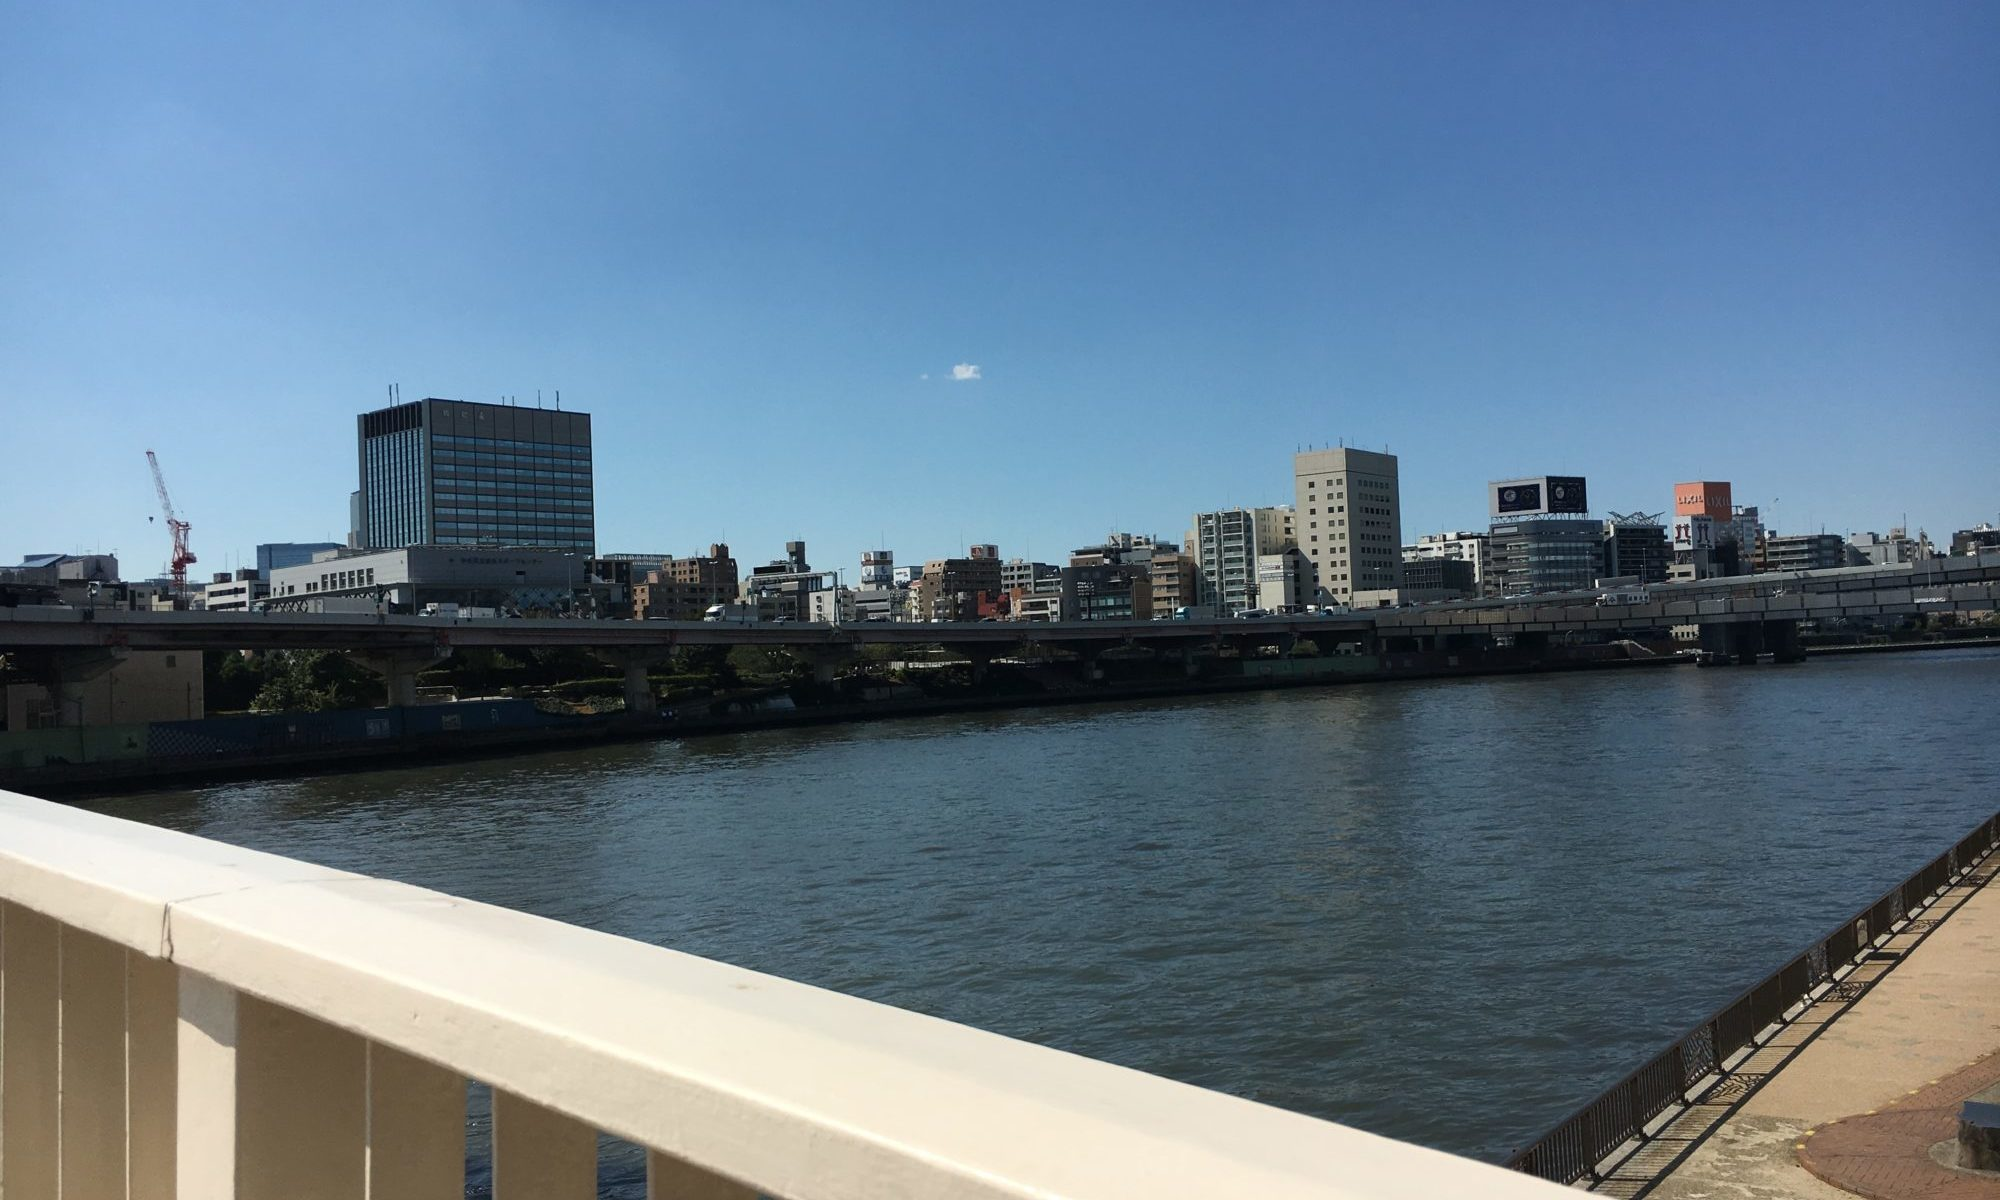 隅田川でのワンショット撮影